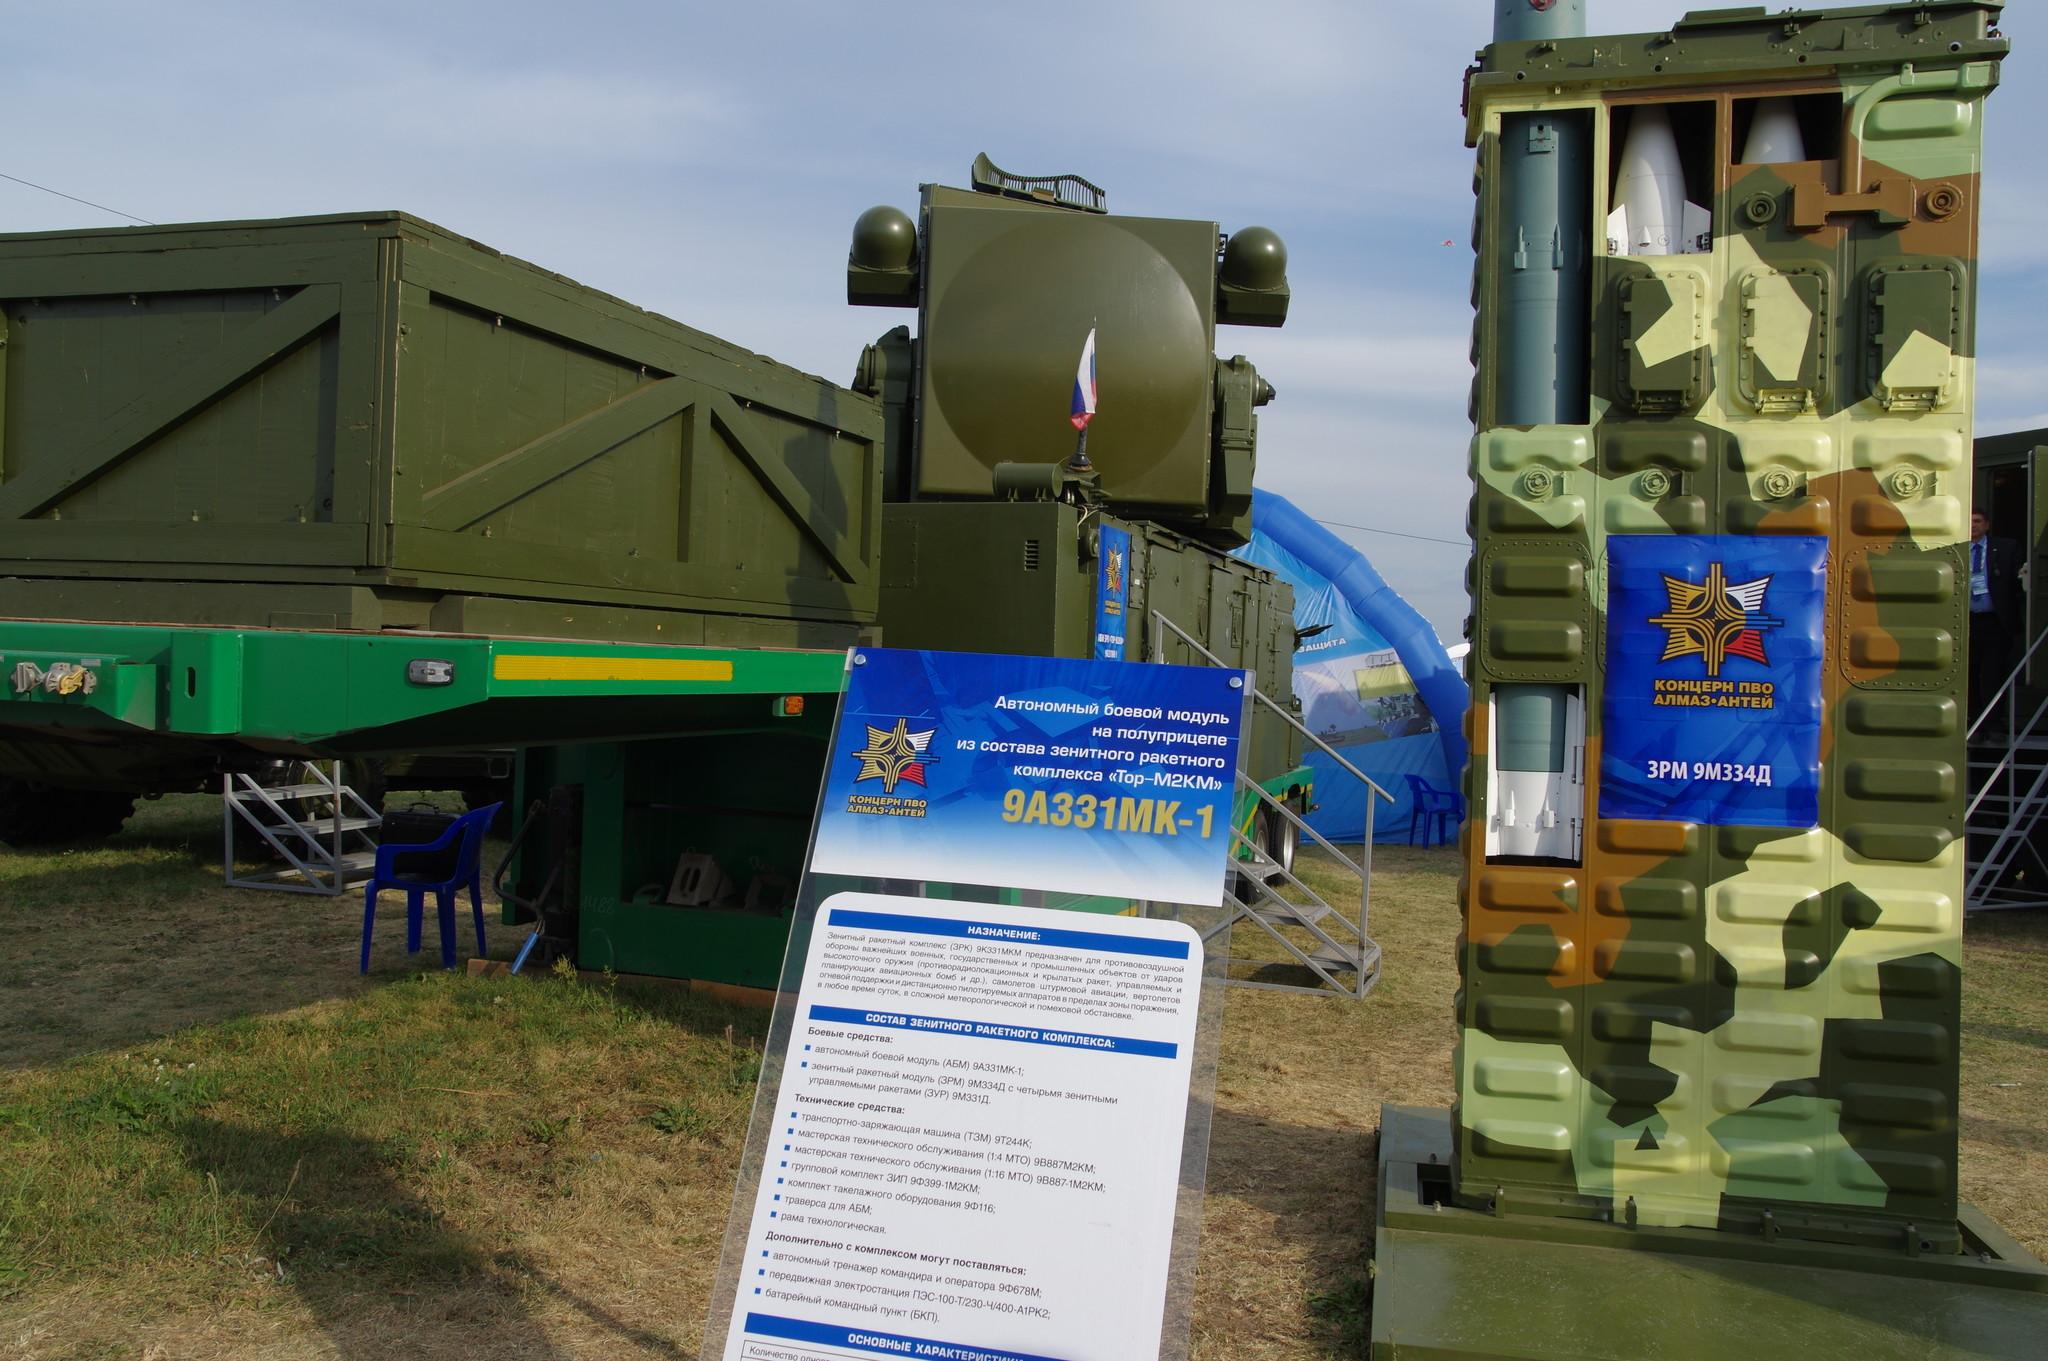 Зенитный ракетный комплекс малой дальности «Тор-М2К»